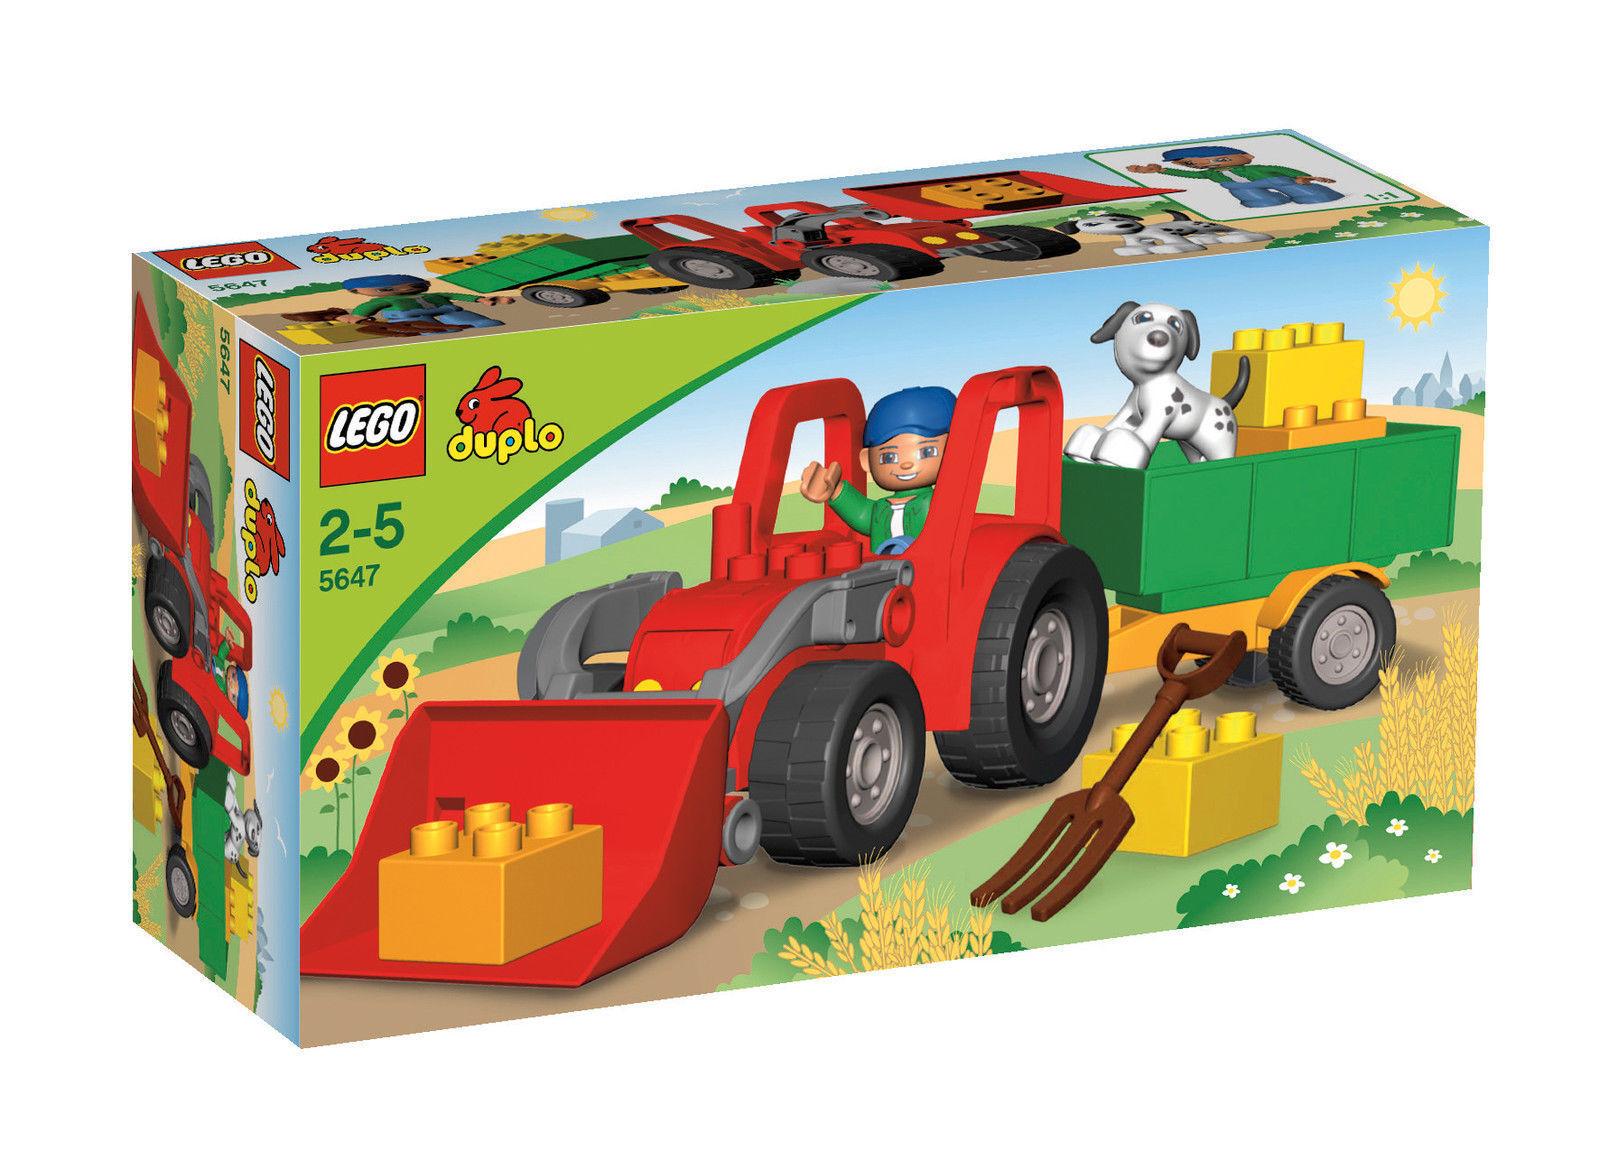 LEGO Duplo 5647 Großer Traktor neu und ovp